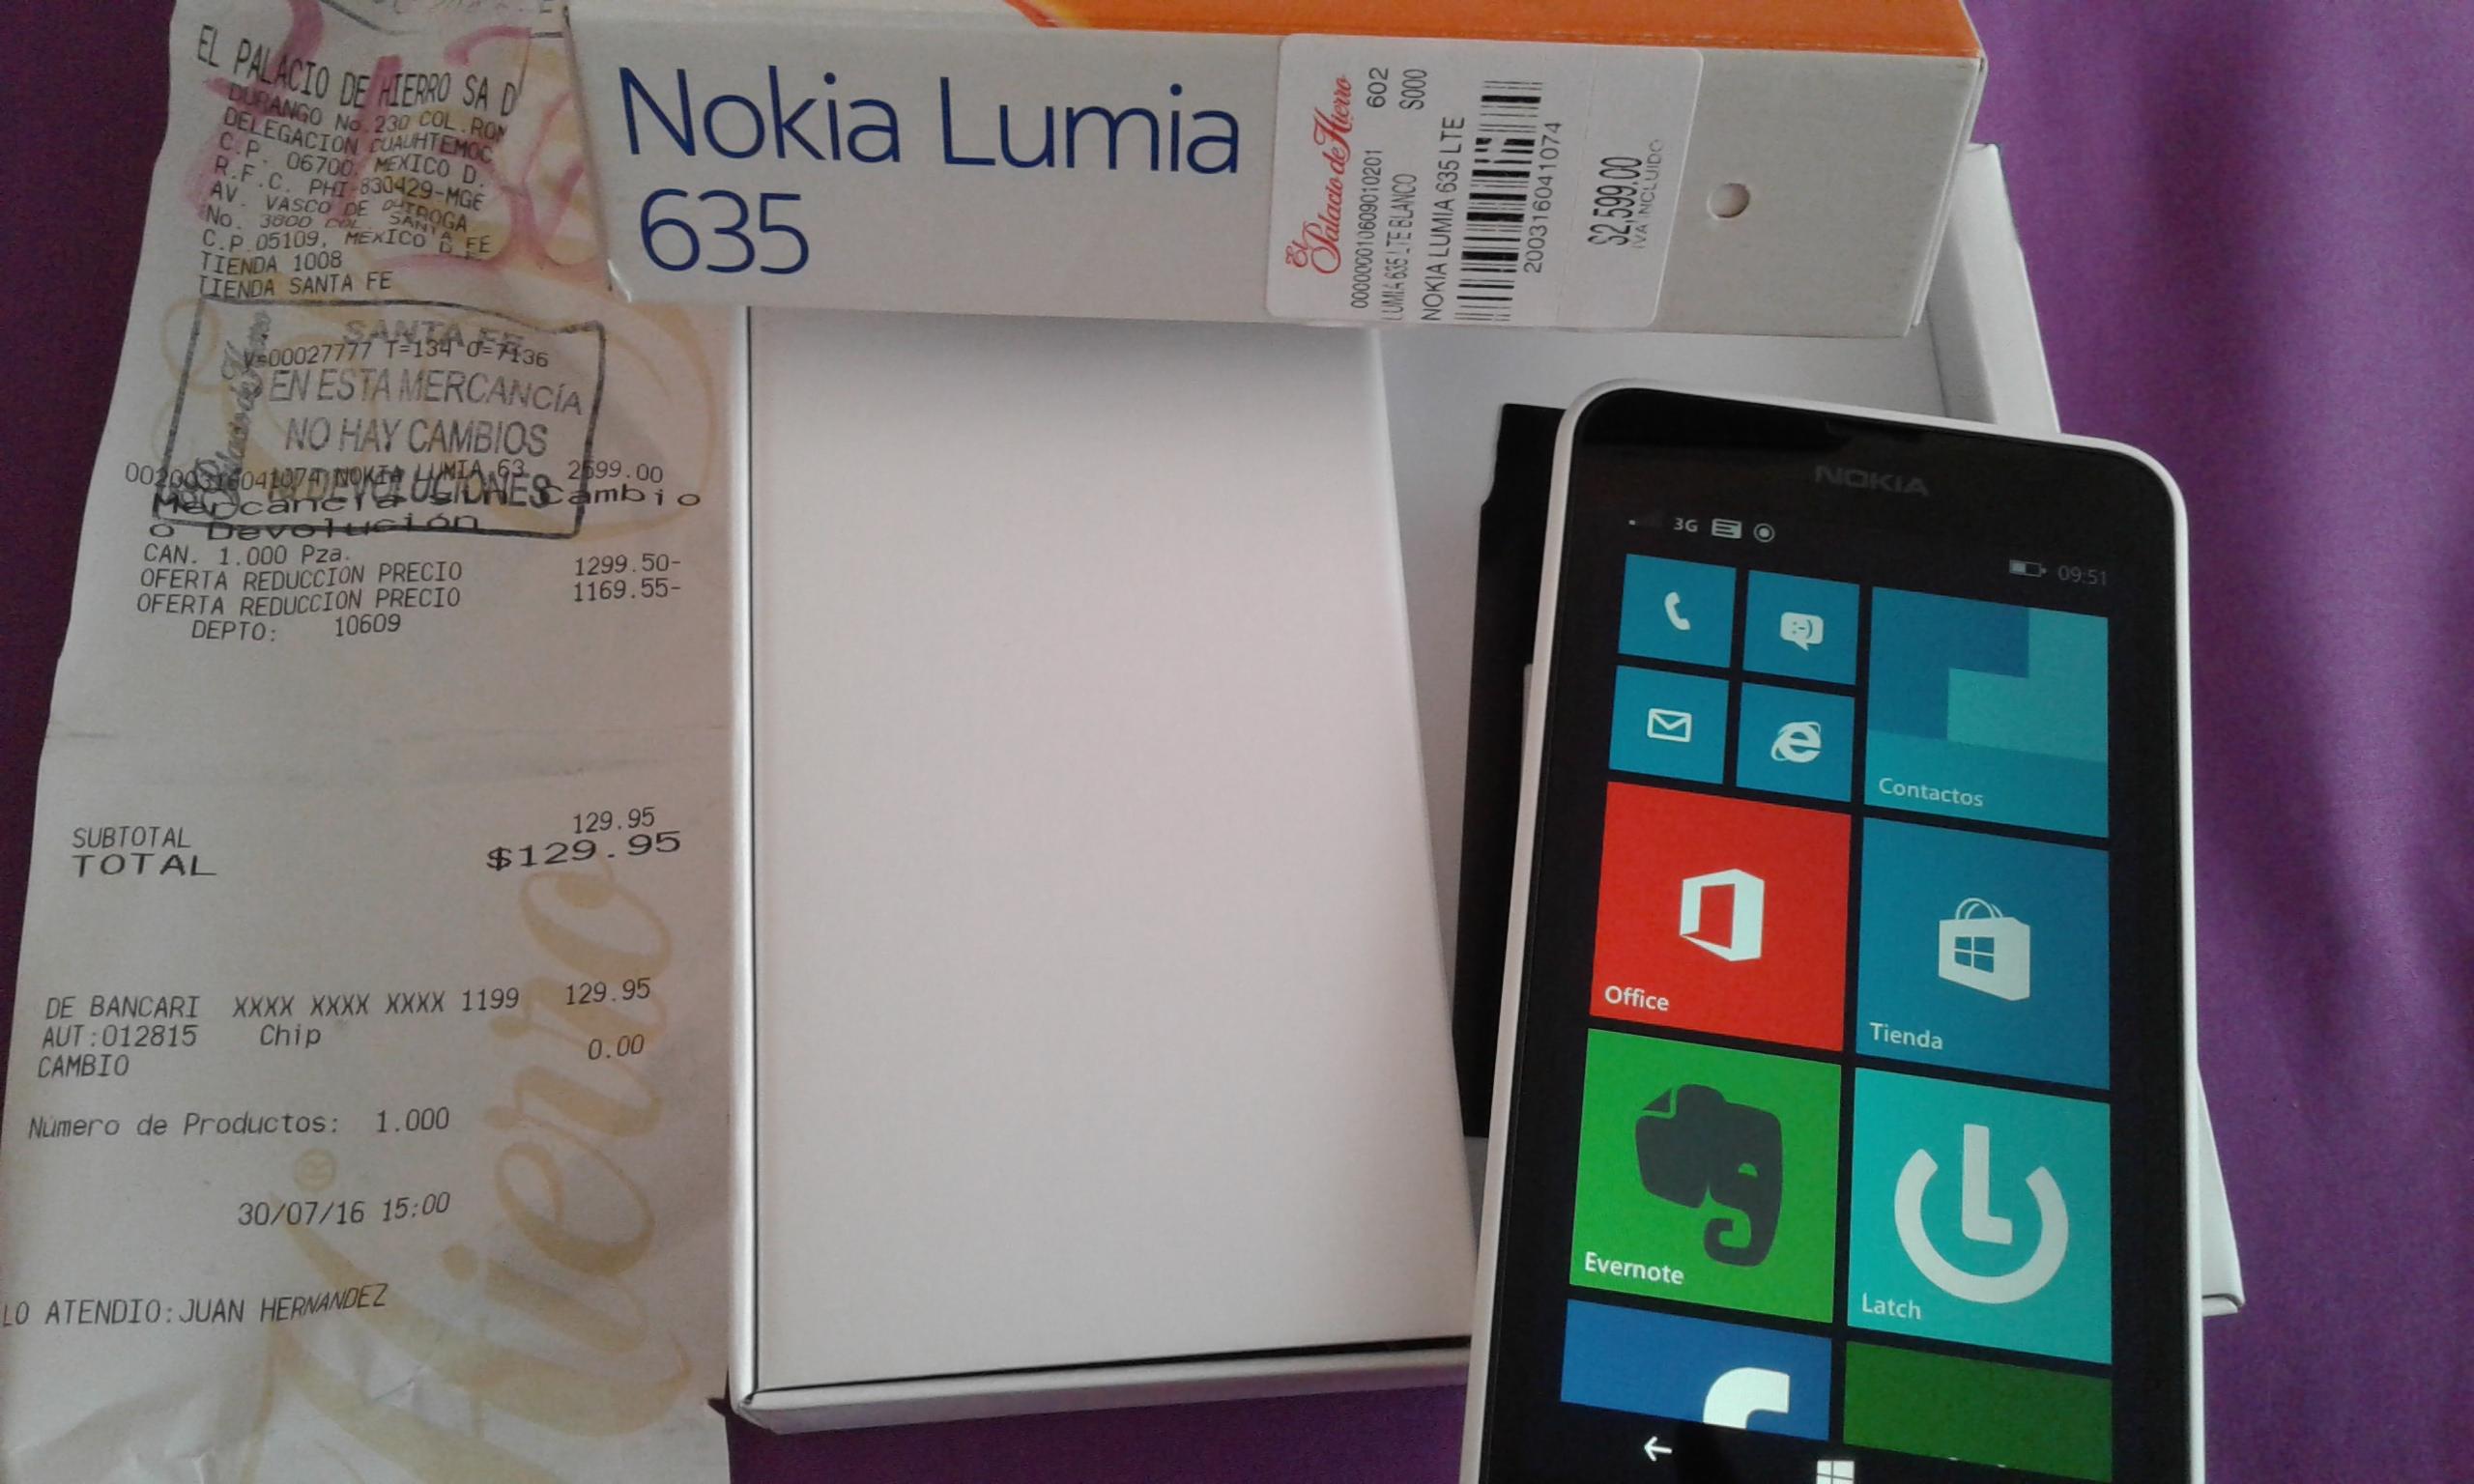 Palacio de Hierro: Lumia 635 LTE de $2,599 a $129